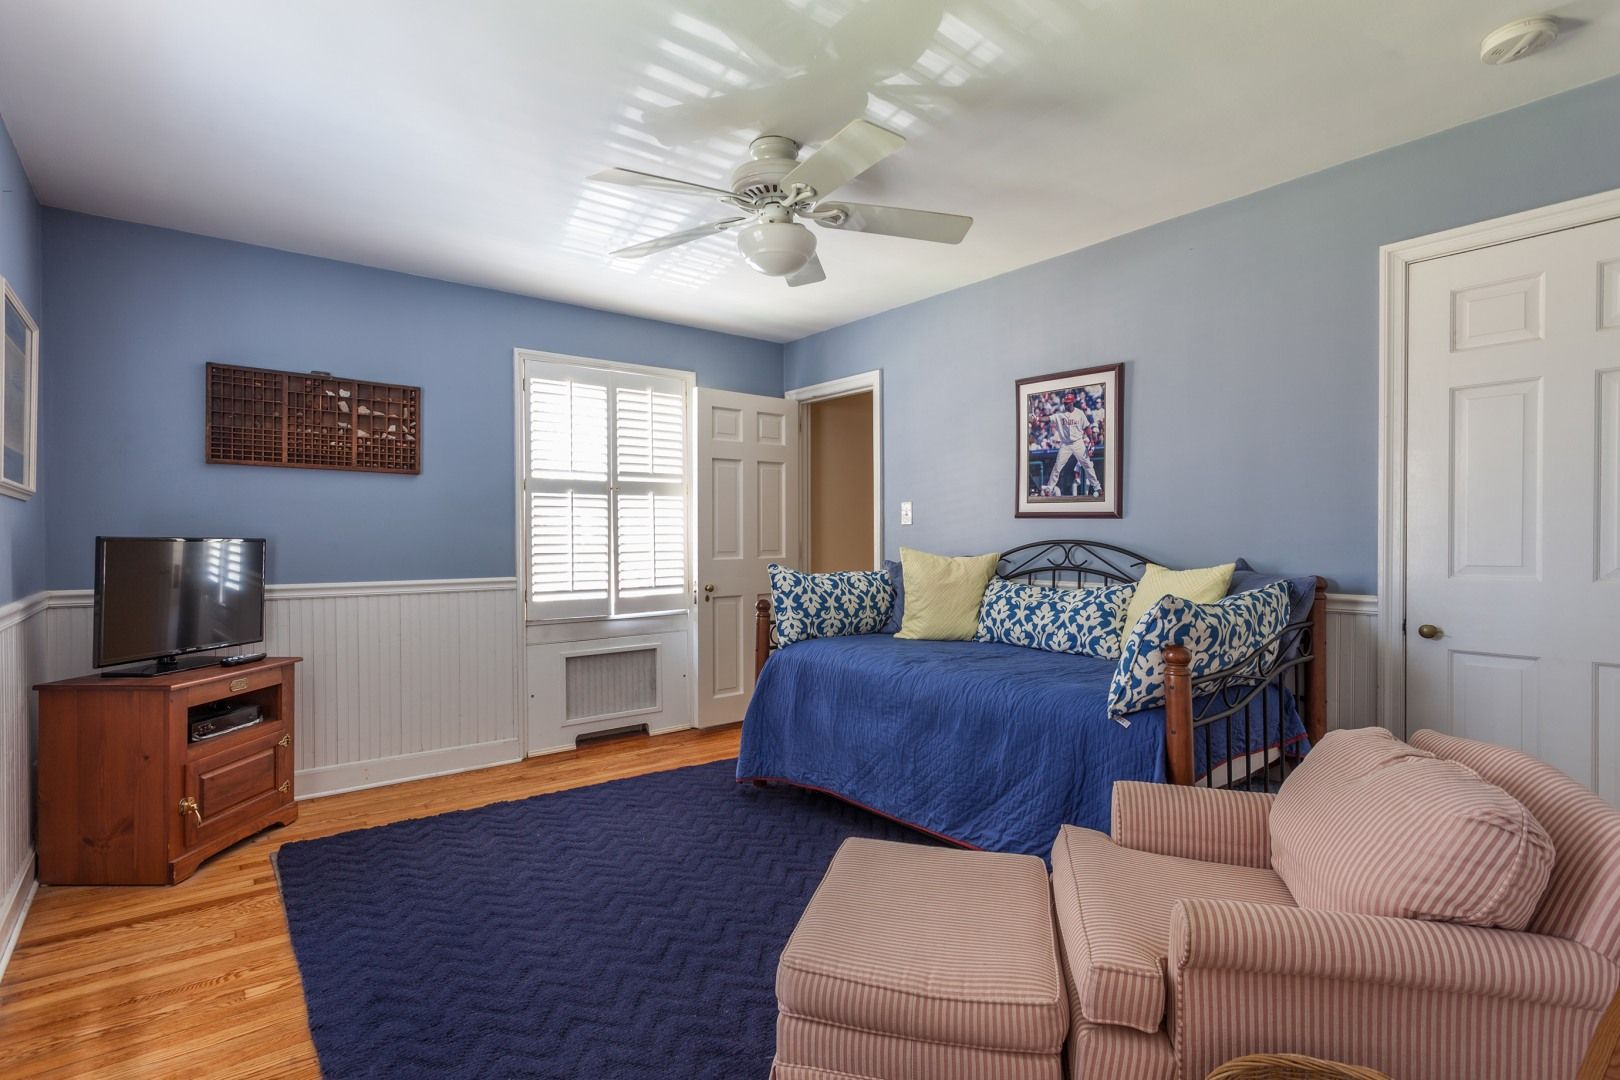 Bedroom interior setting deamhouse luxury milliondollarhome sothebyspennsylvania